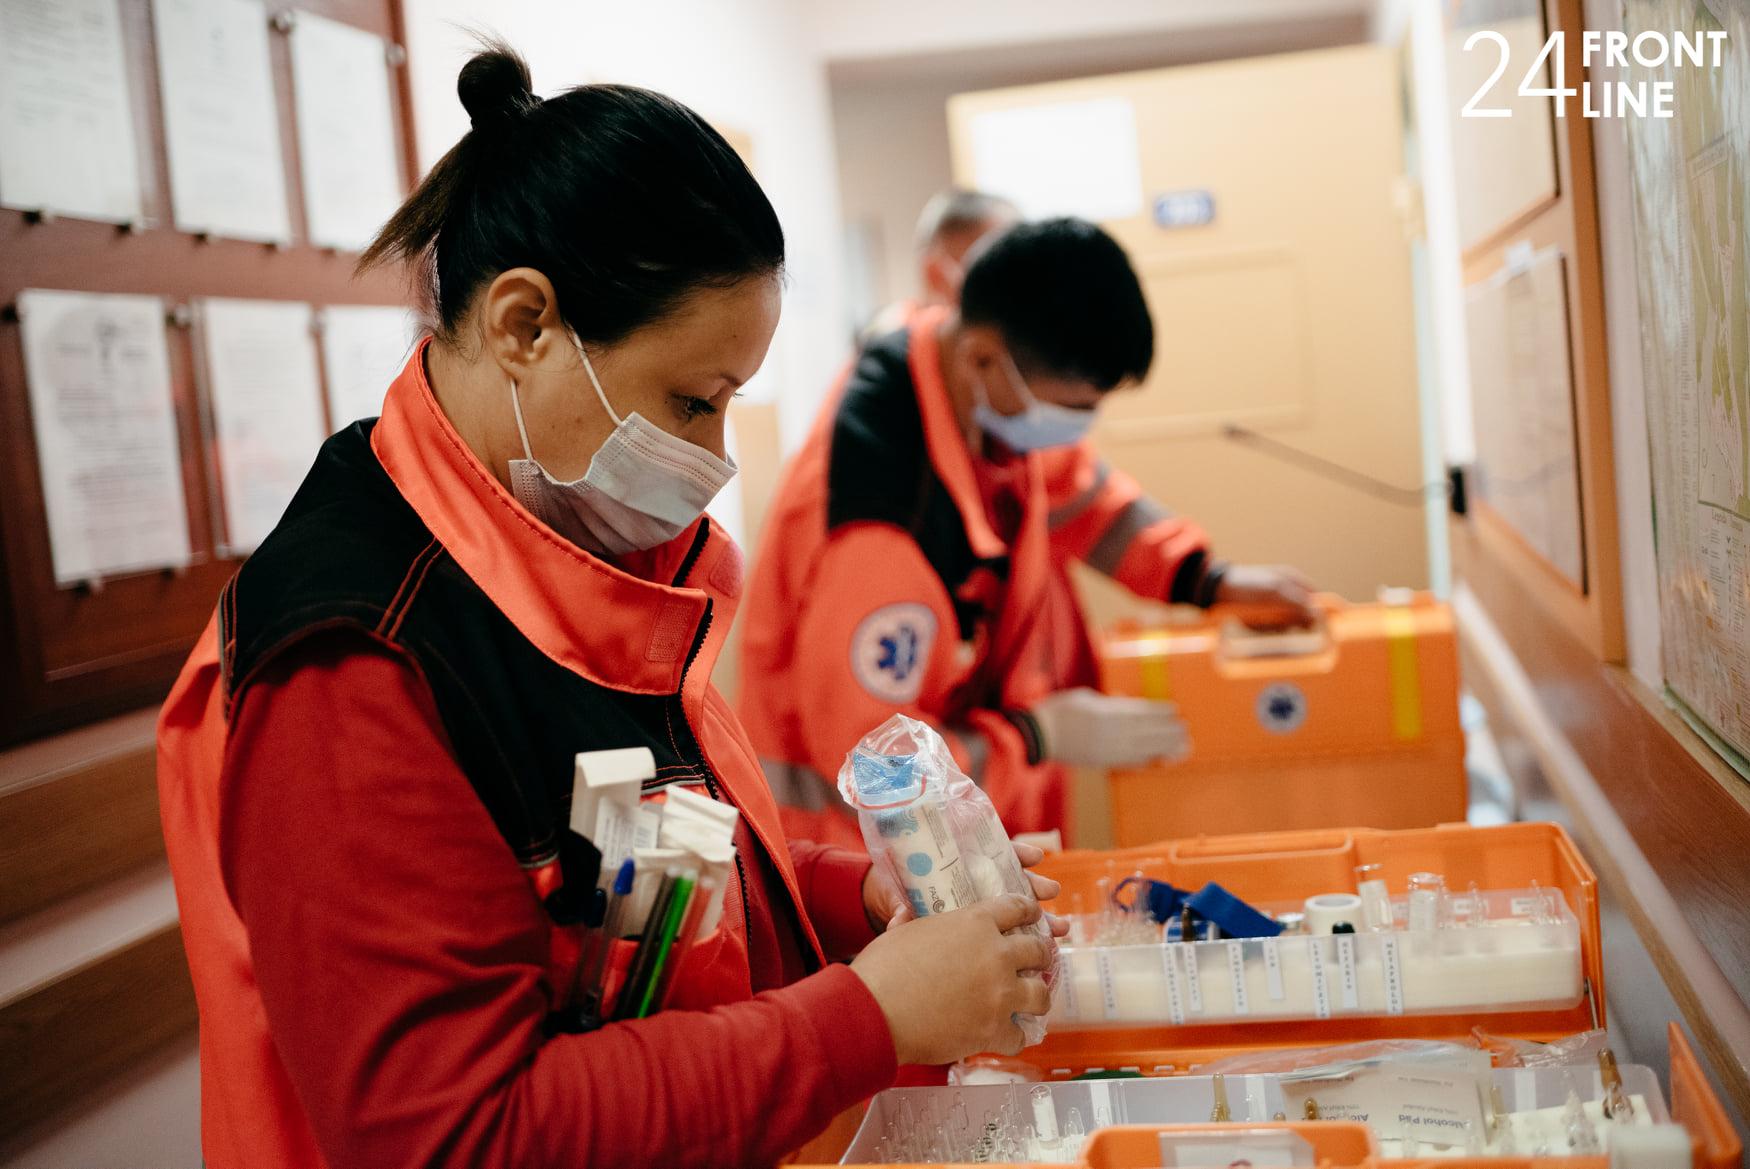 Peste 15000 pacienți au solicitat ambulanța în ultima săptămână